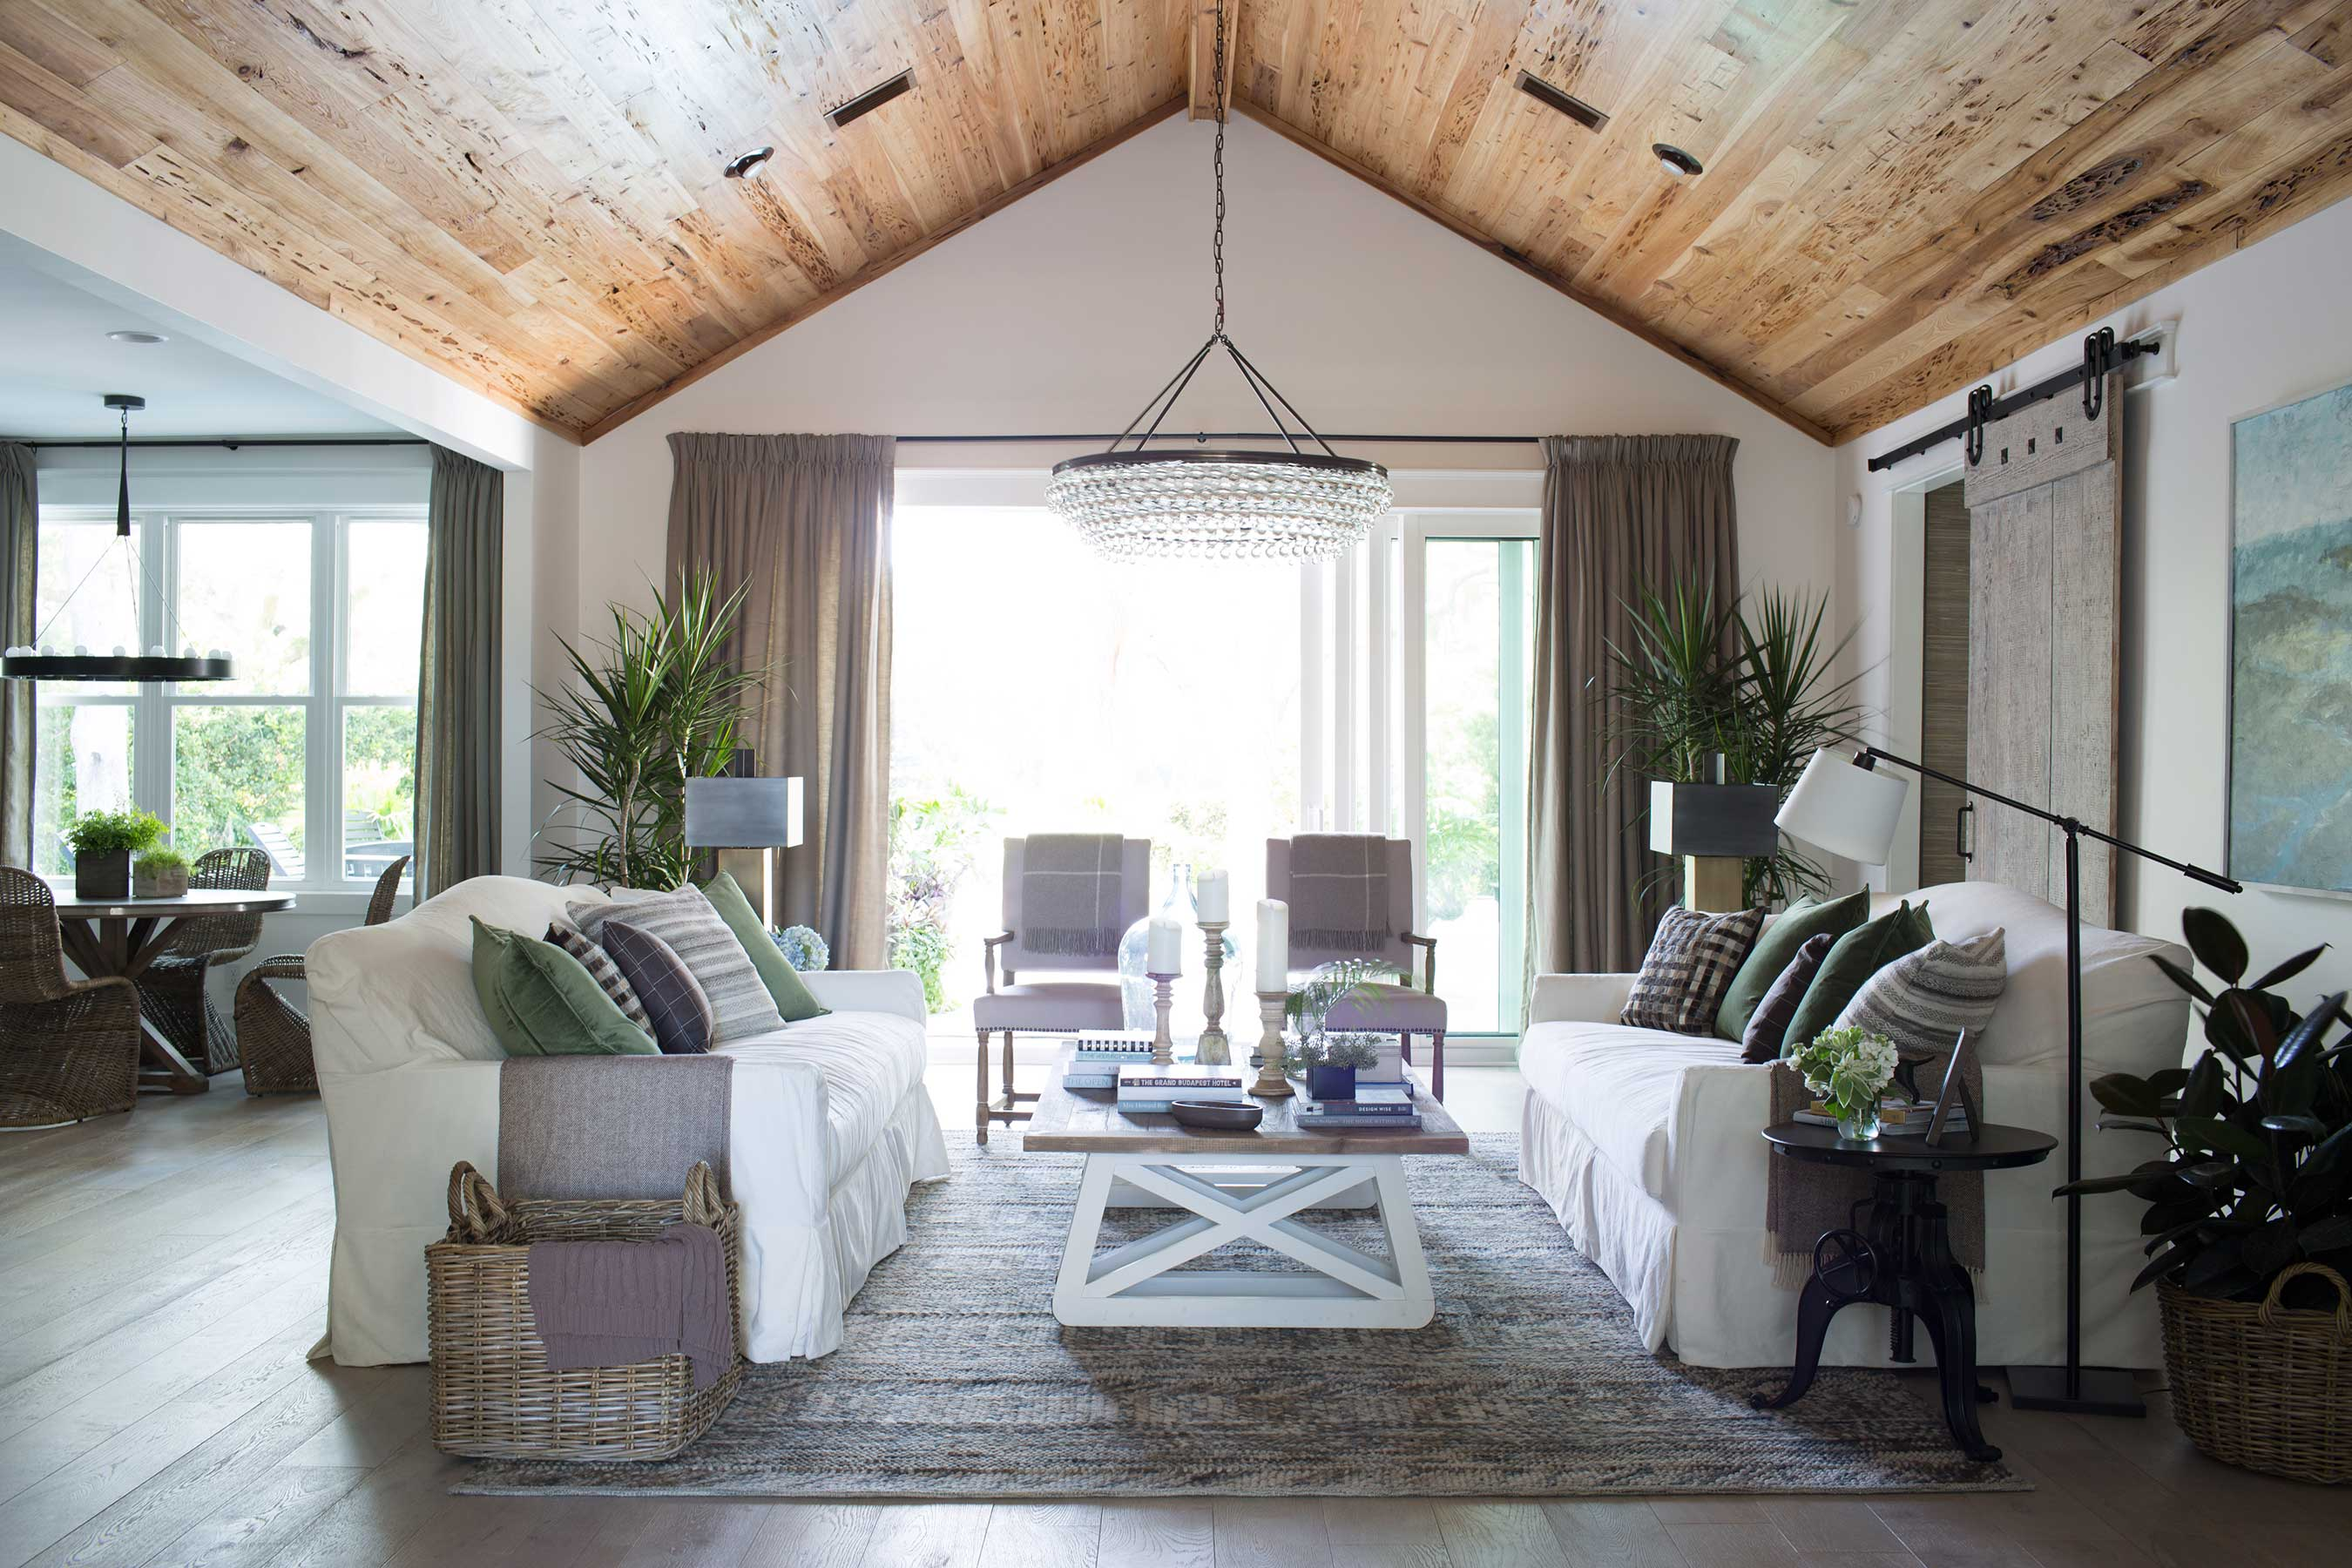 Hgtv Design Home – Review Home Decor